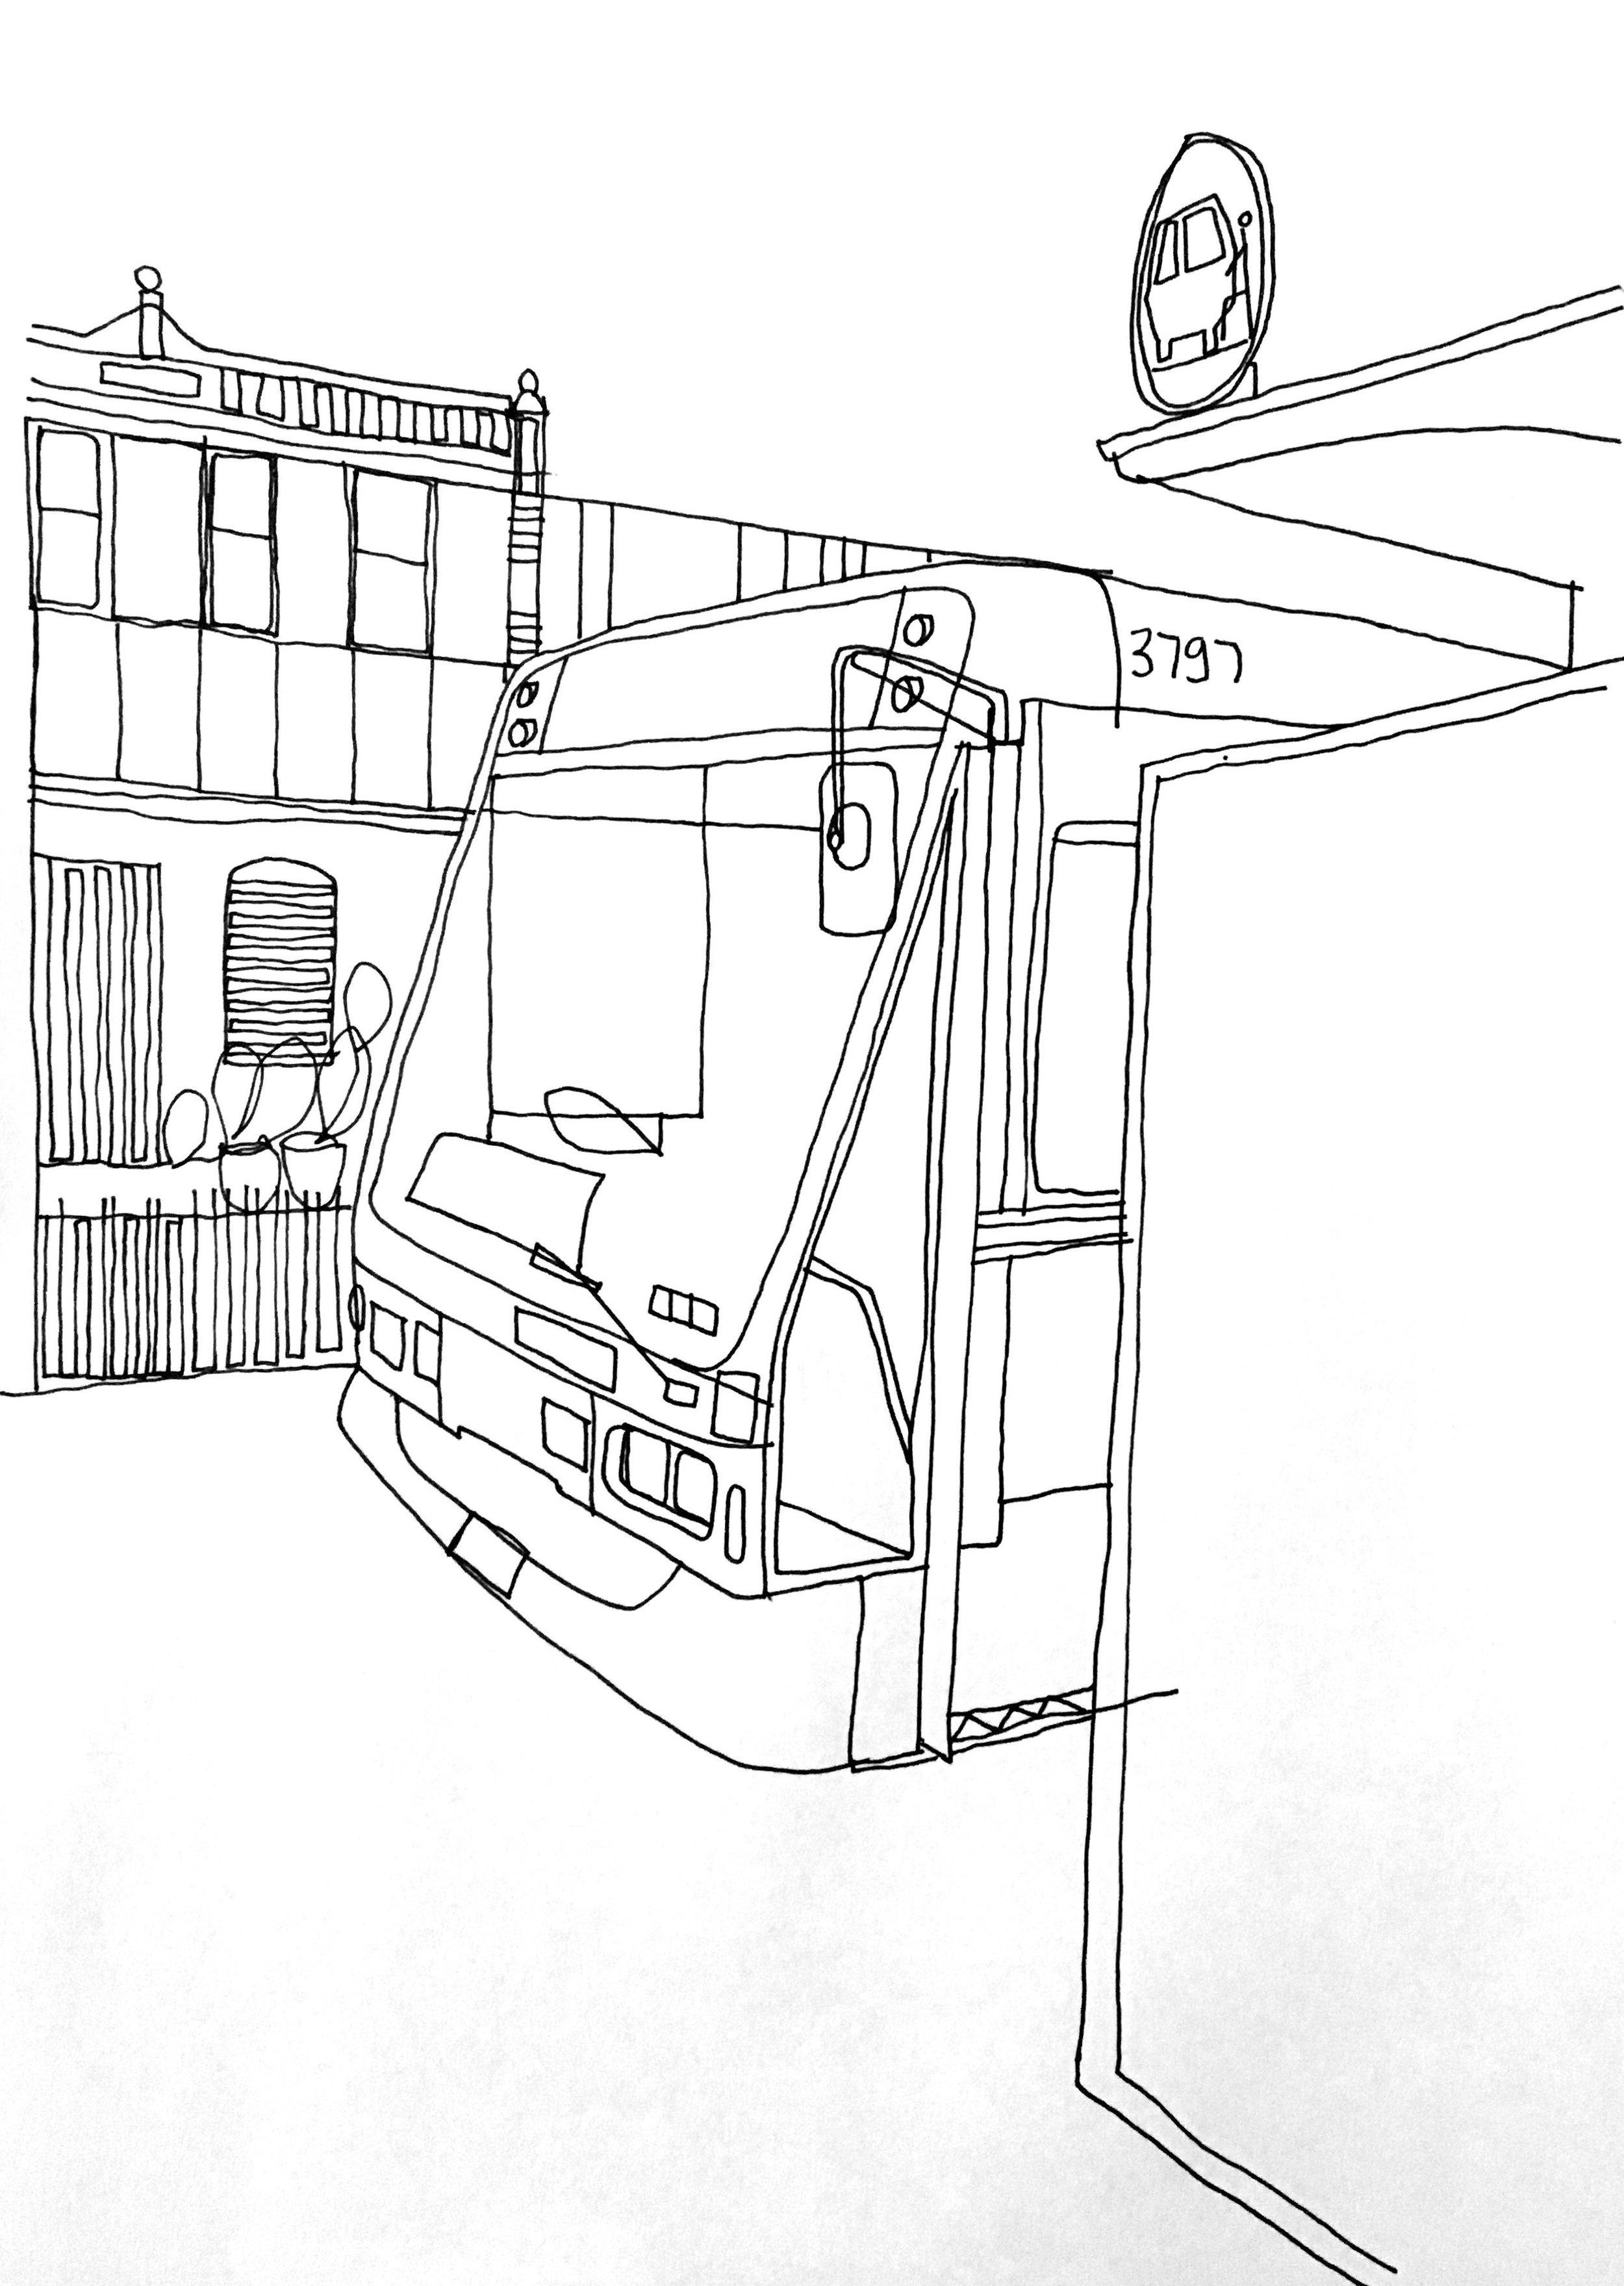 bus stop_Page_1.jpg